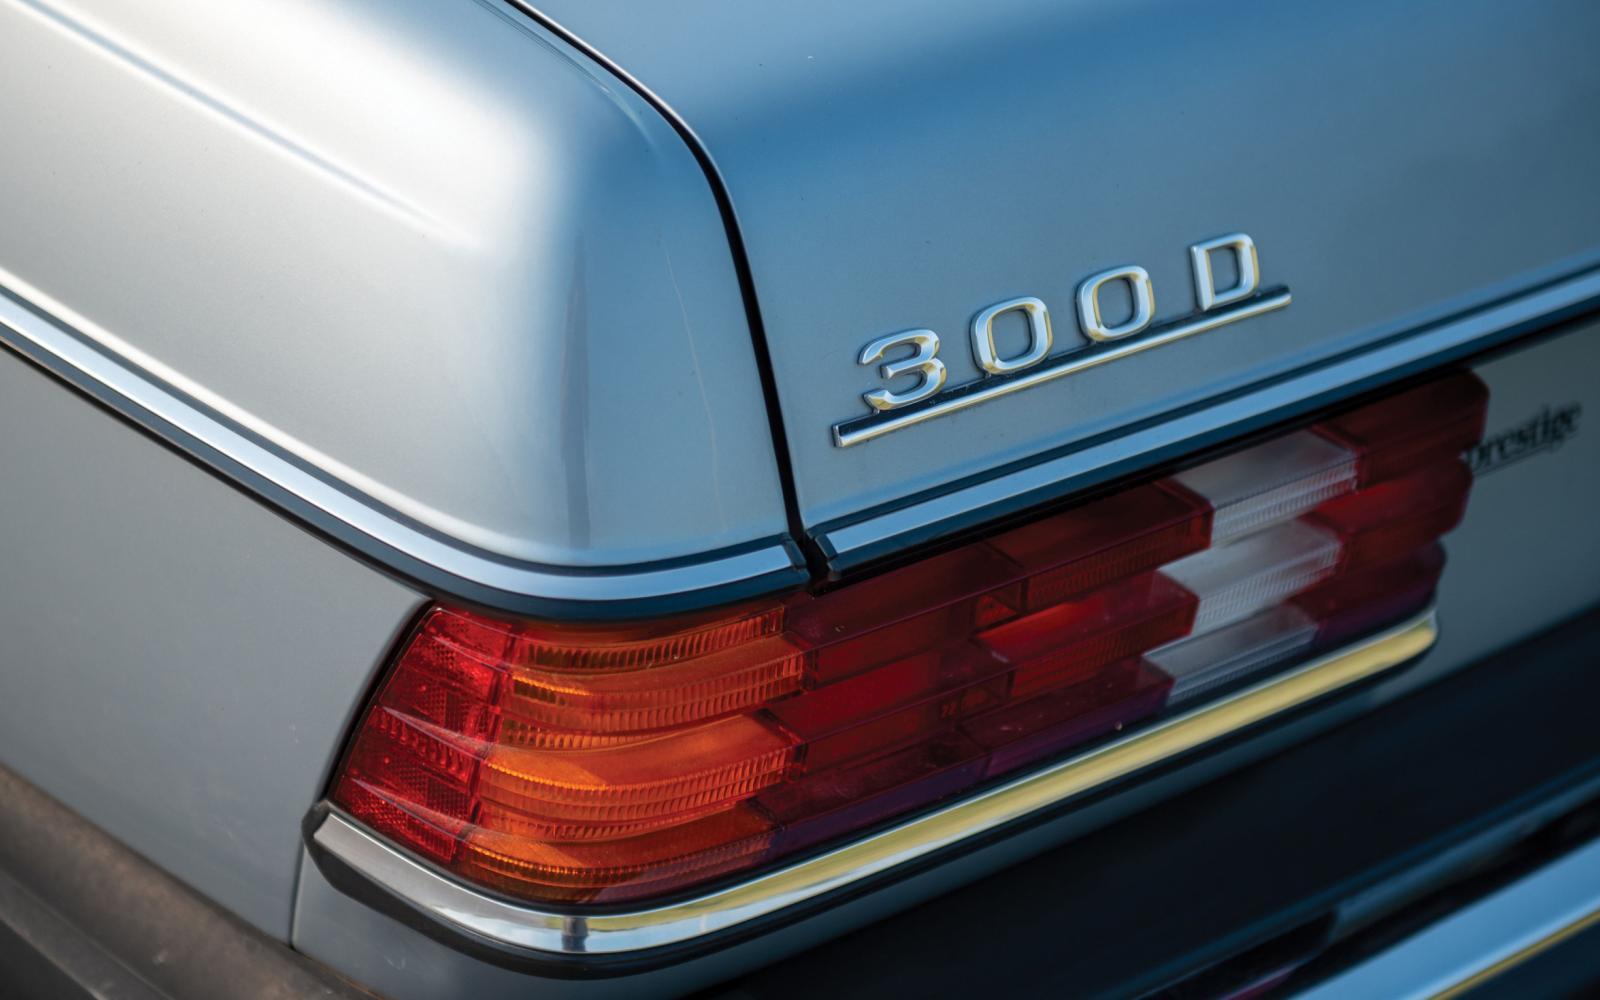 Fijnstoftoeslag voor oudere diesels geldt niet voor oldtimers